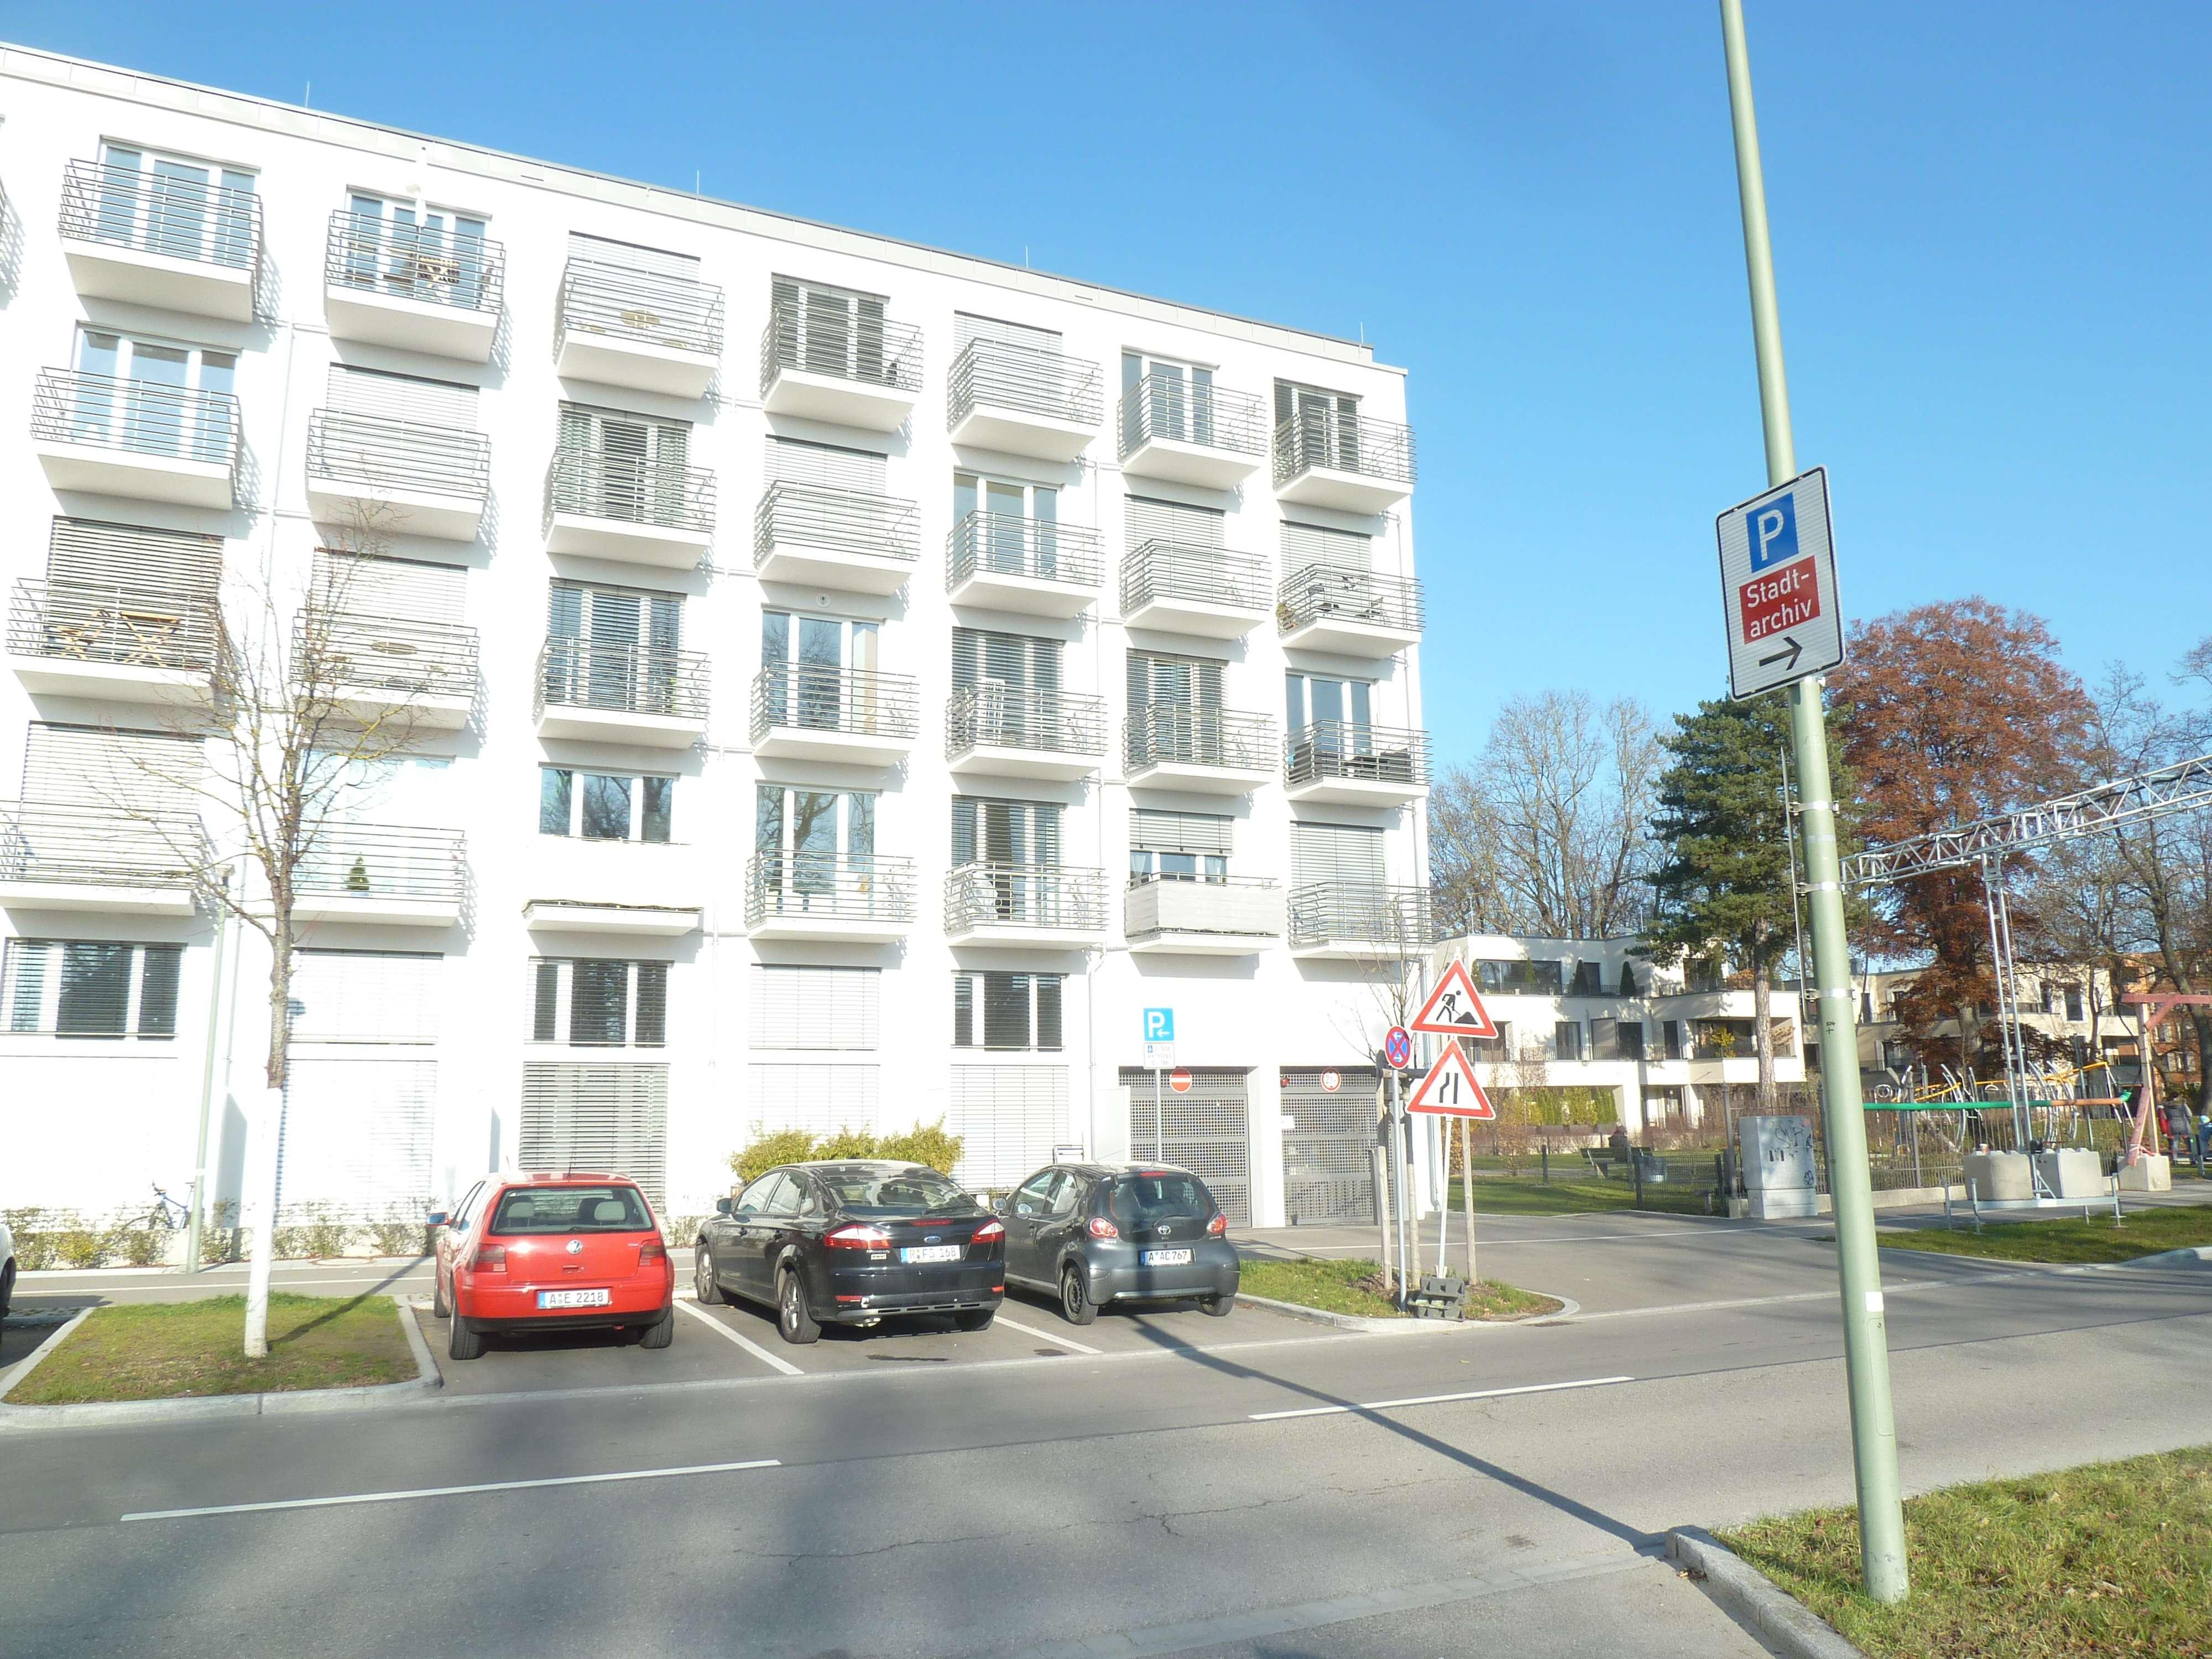 1 Zimmer-Apartement im Studentenwohnheim Studiosus 5 in Augsburg-Innenstadt